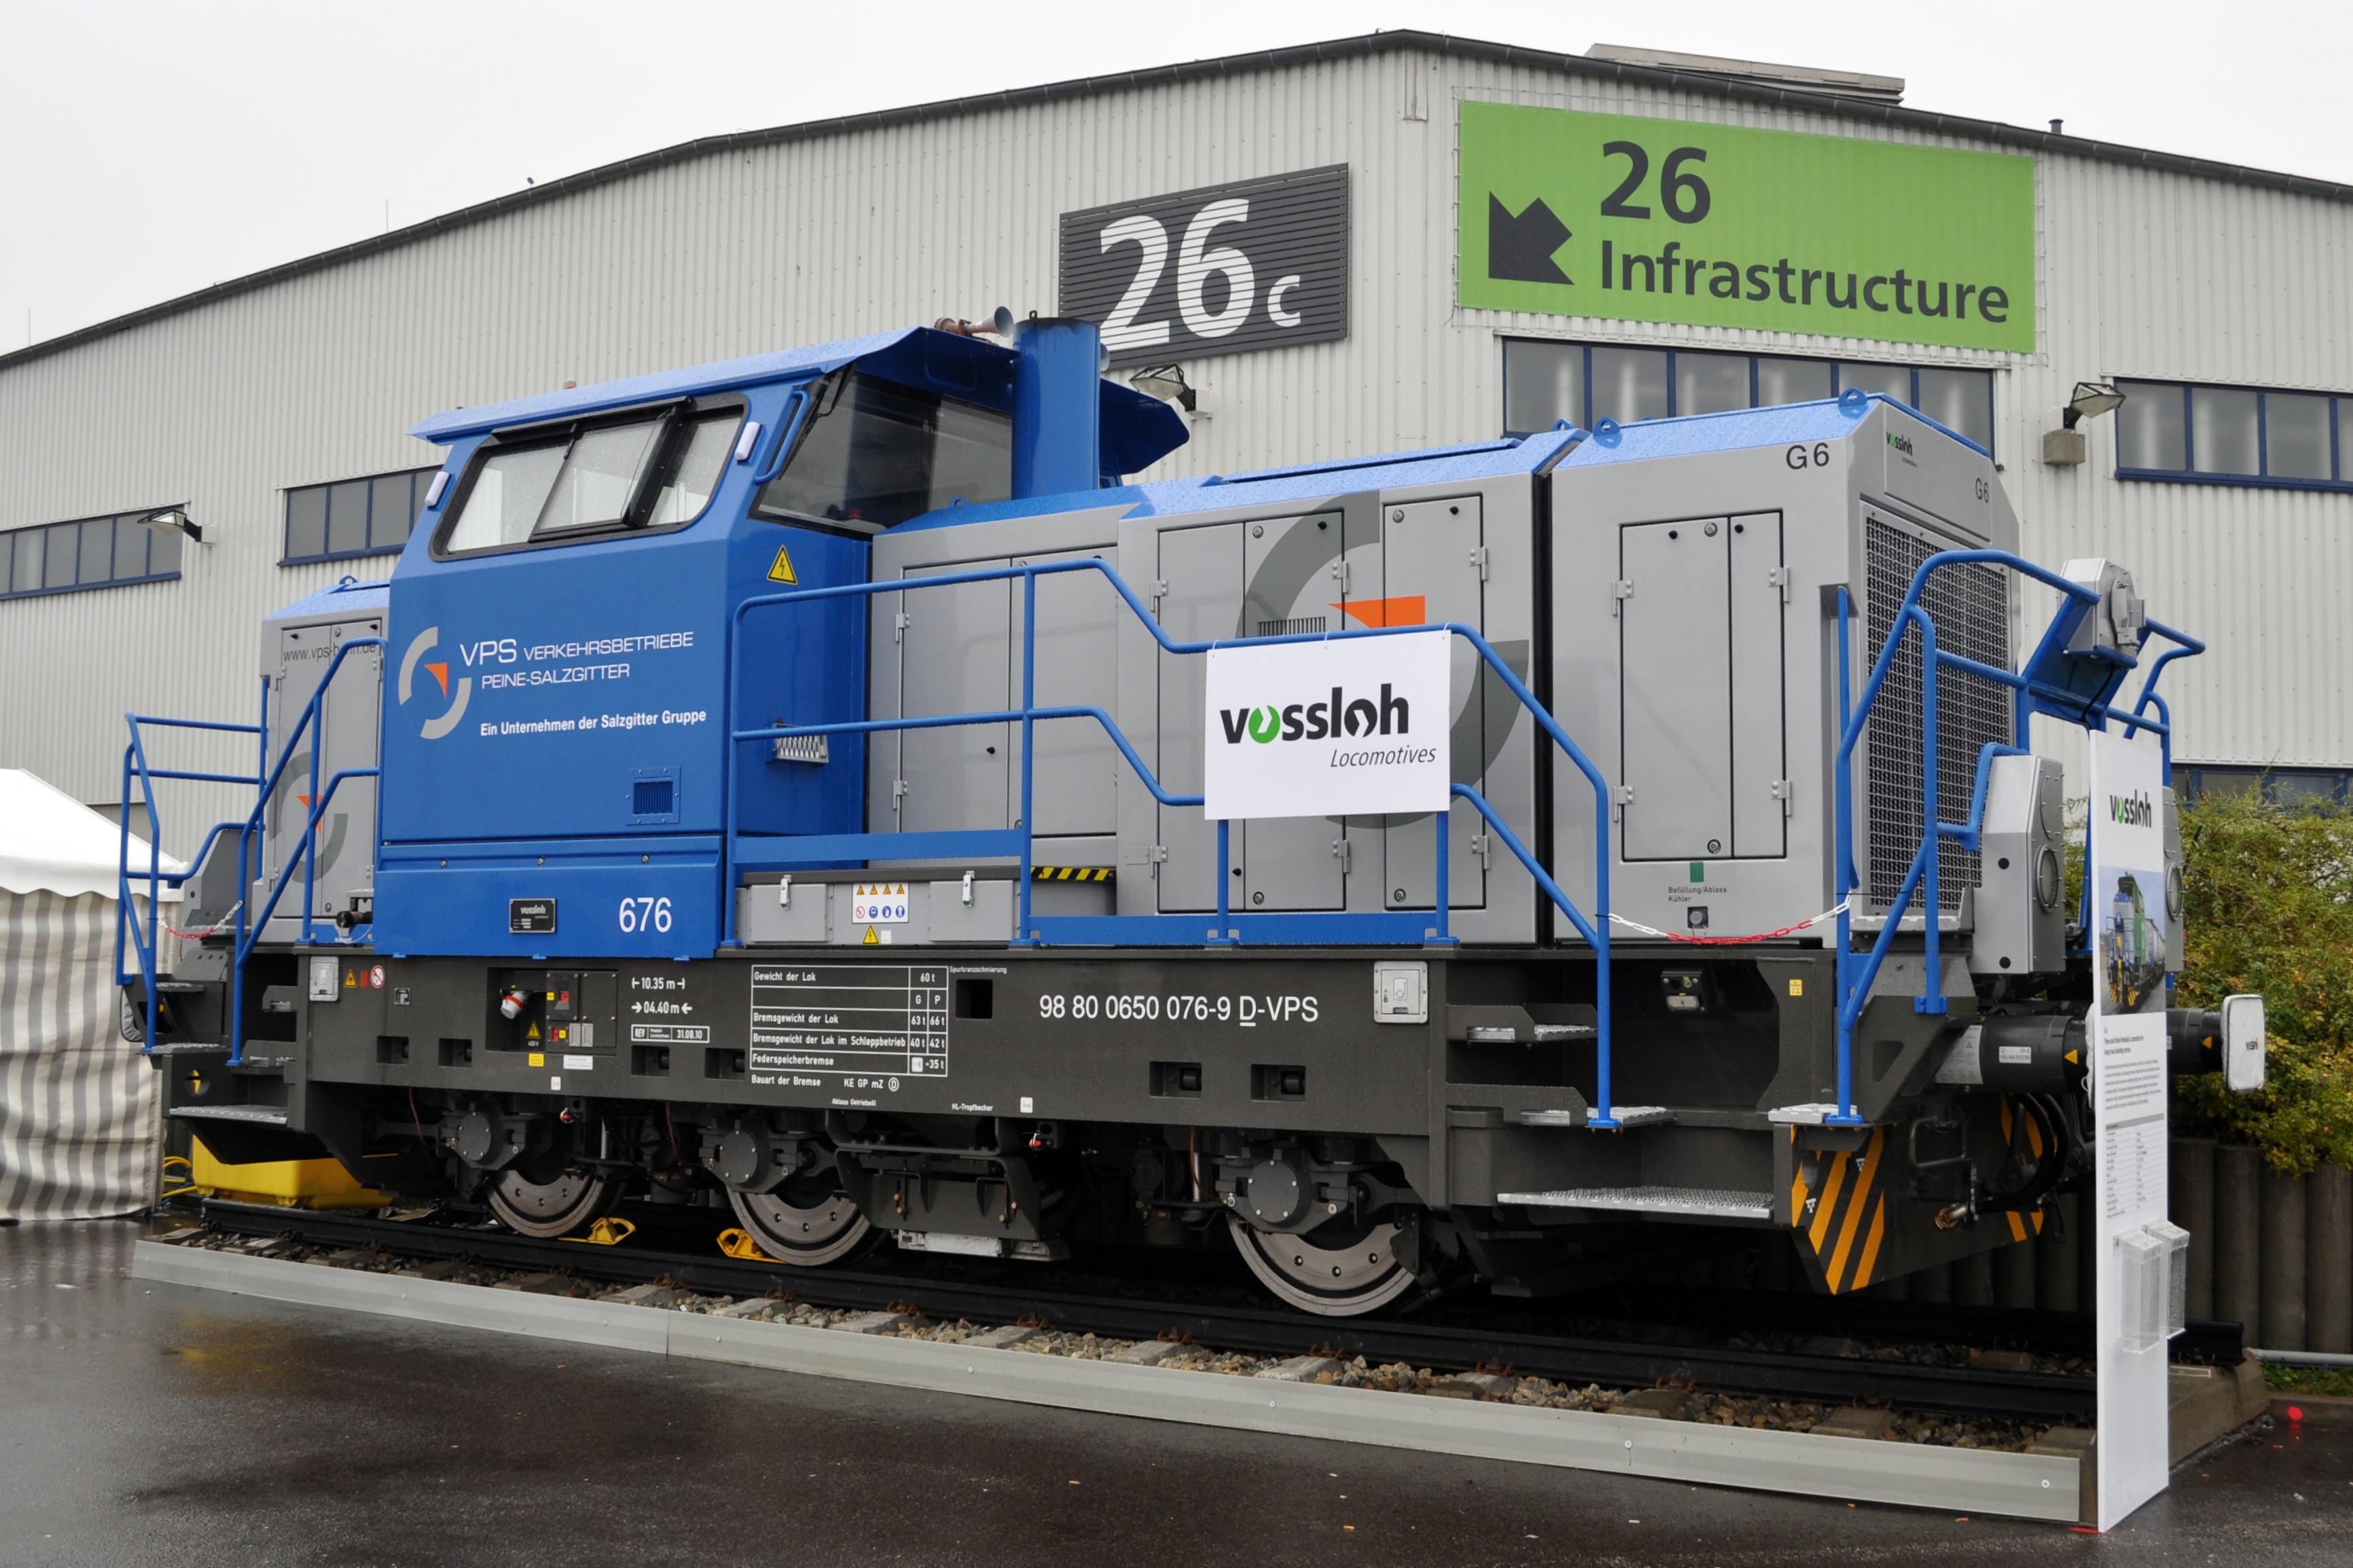 Vossloh G6 - Wikipedia